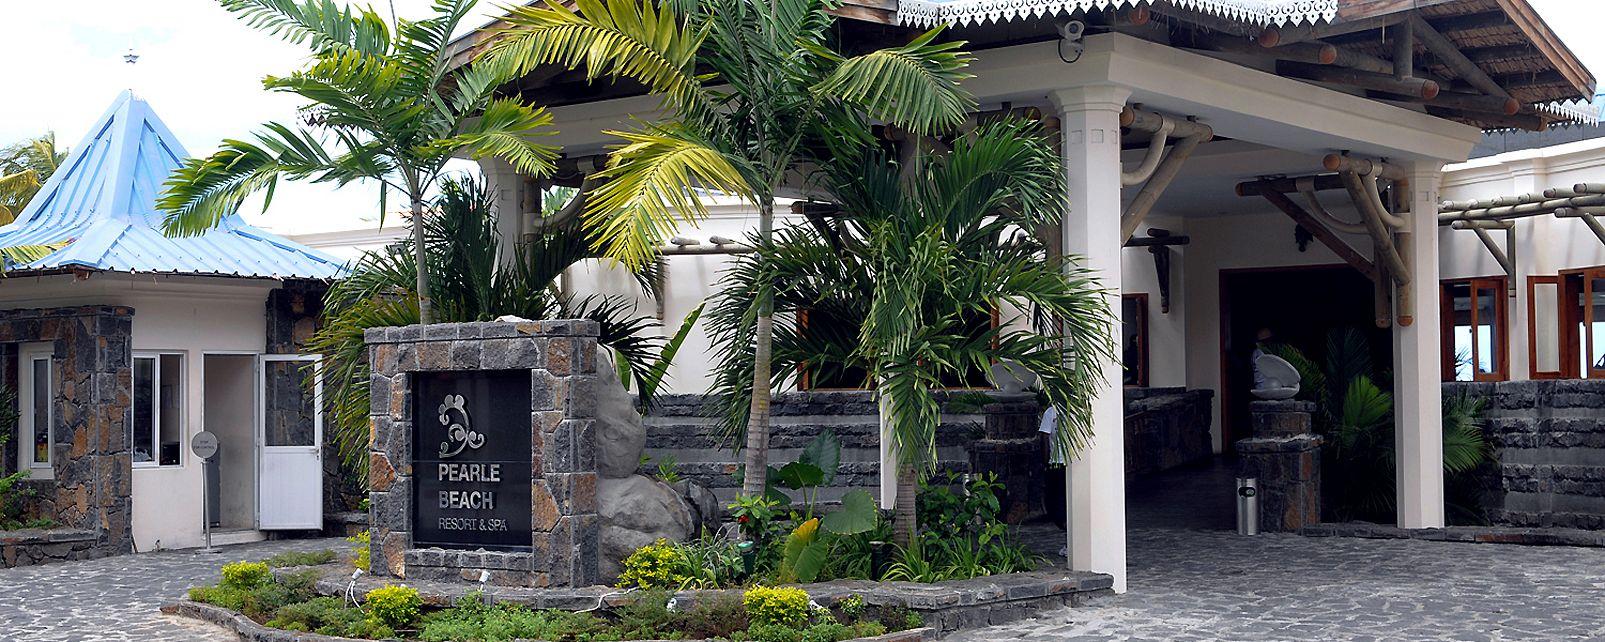 Hôtel Pearle Beach